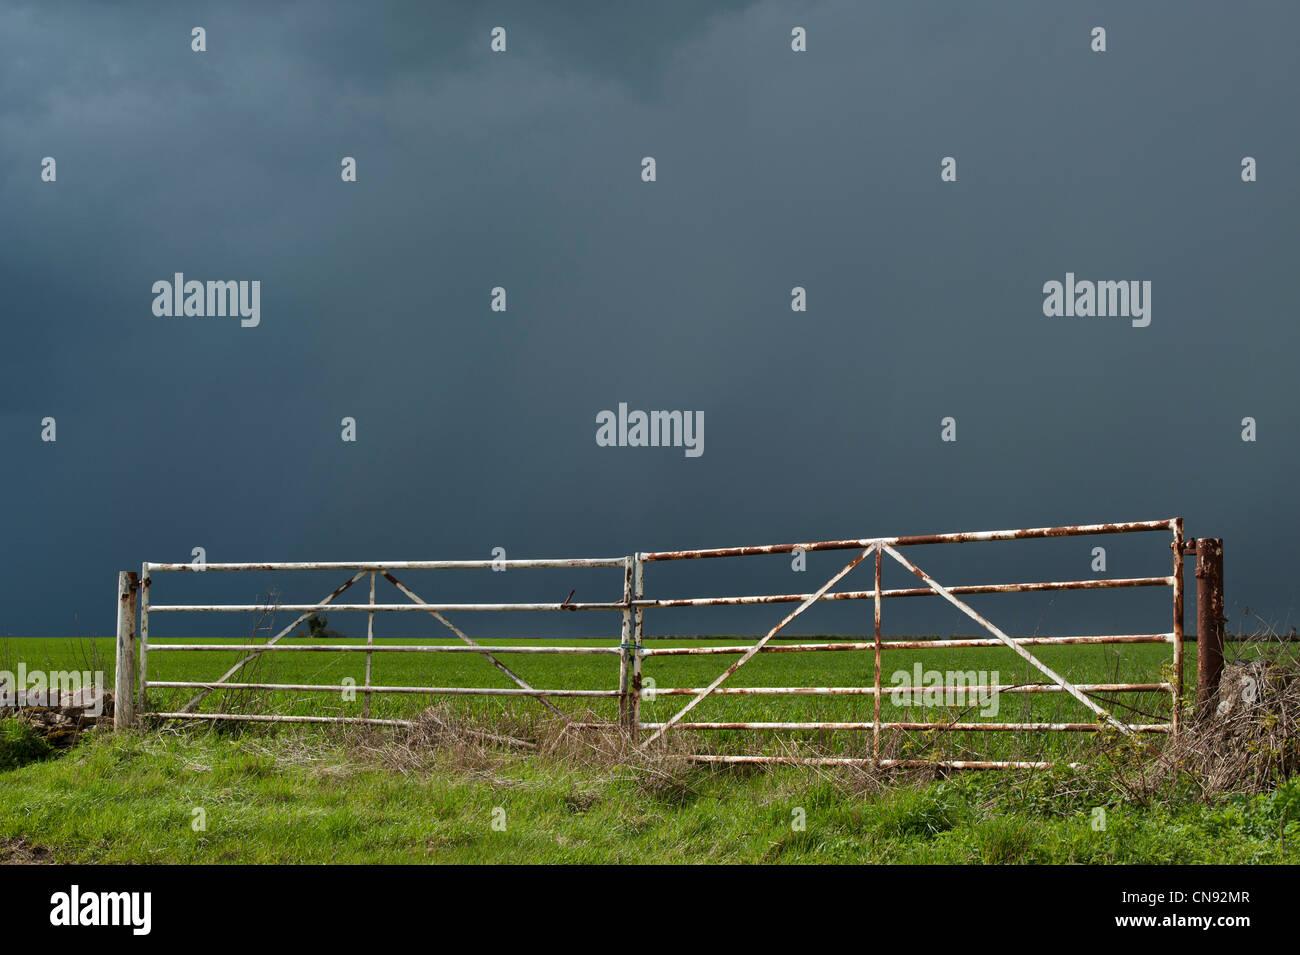 Pluie nuages orageux sur une terrasse bien allumé champ de blé dans la campagne anglaise Photo Stock